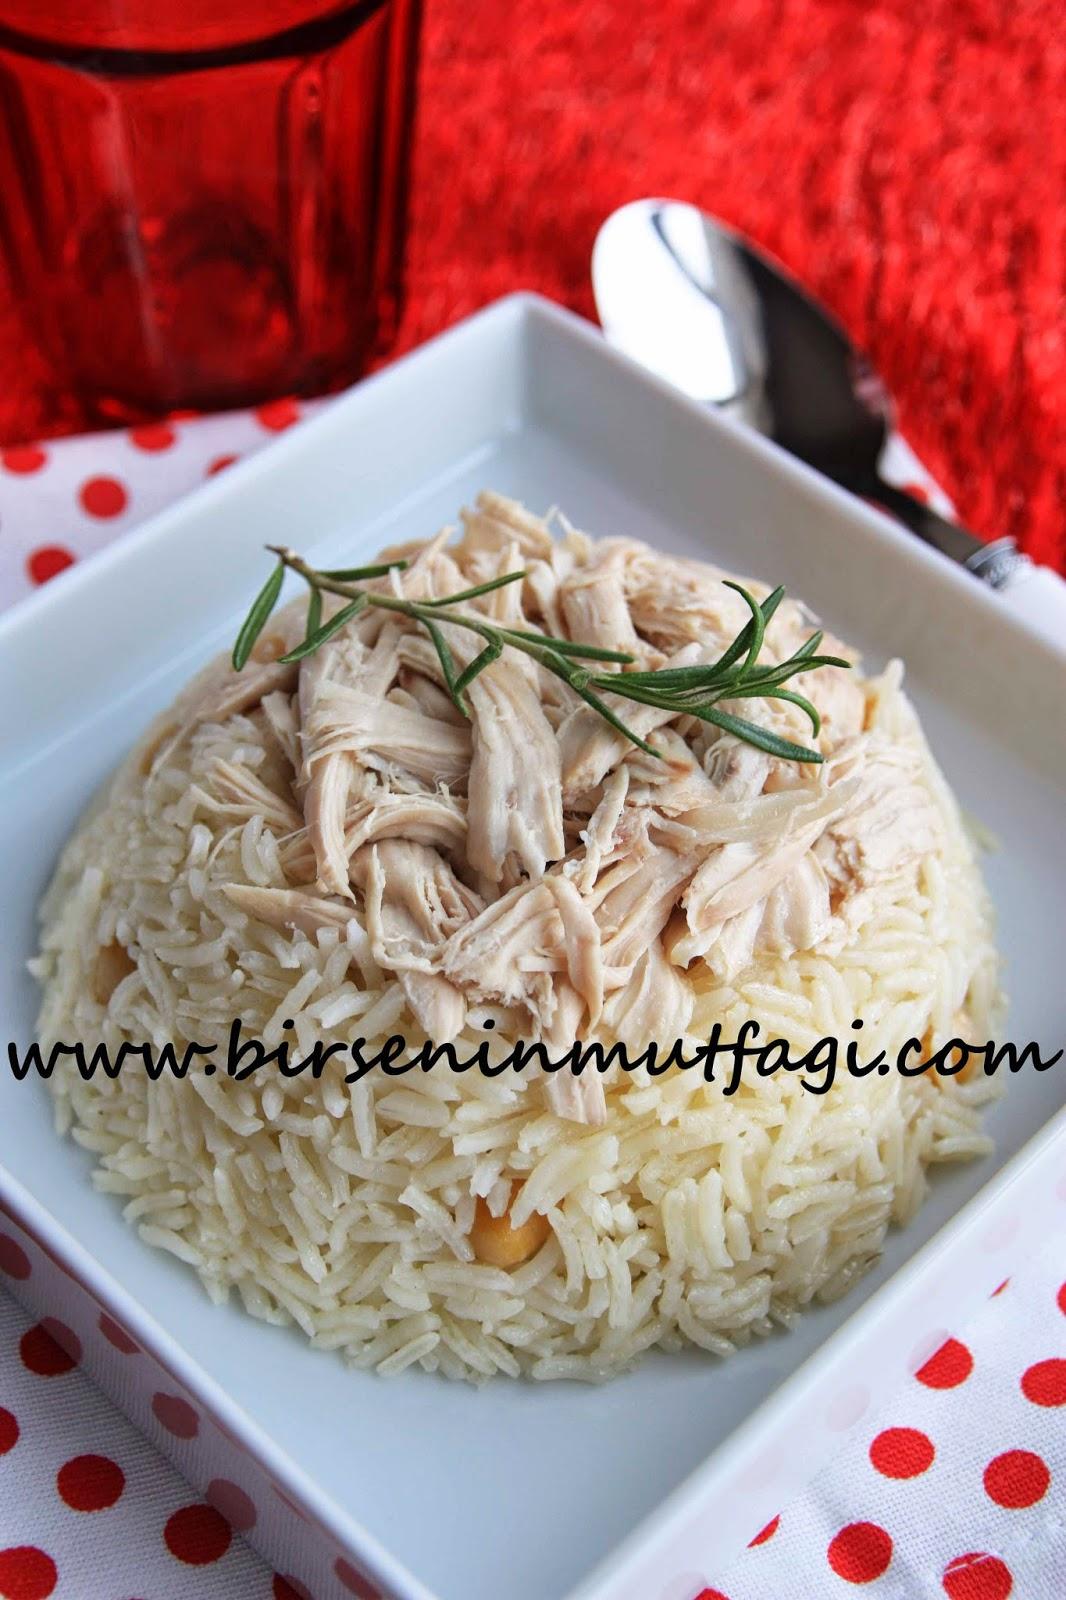 Çok değişkenli Stroganov tarzı tavuk karaciğer: yemek tarifi 52